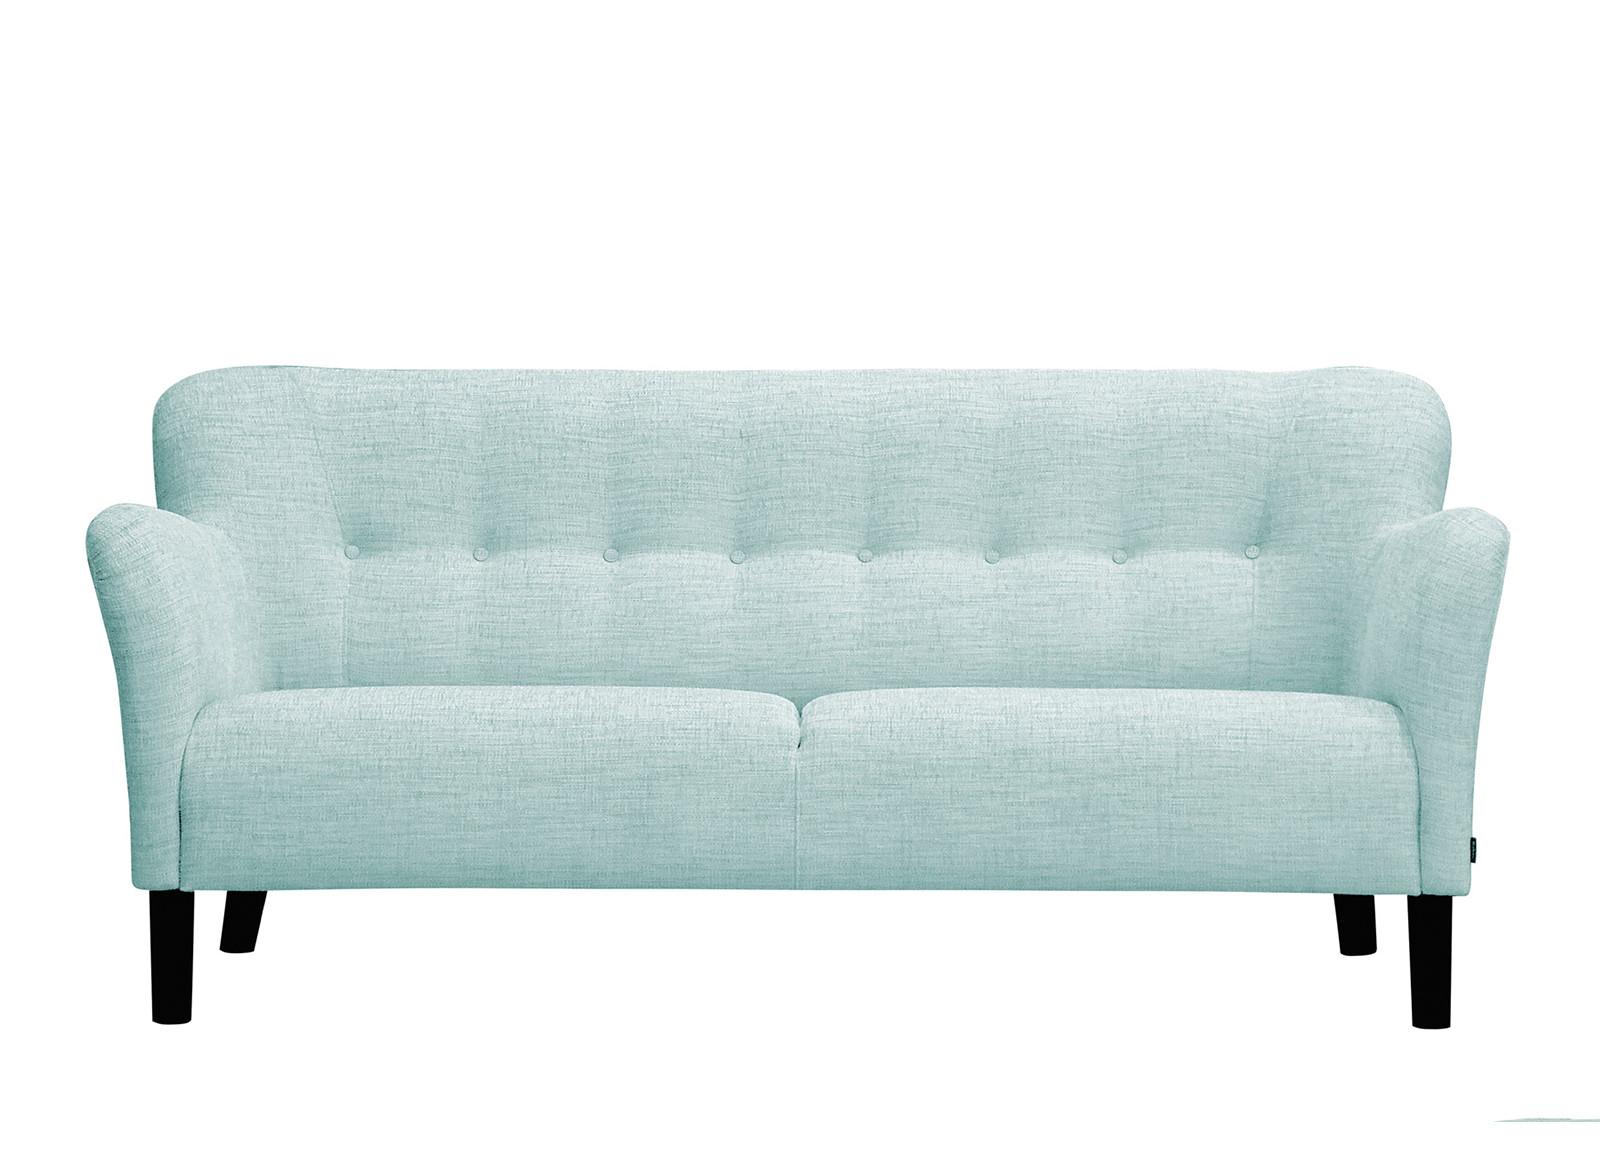 burh ns. Black Bedroom Furniture Sets. Home Design Ideas